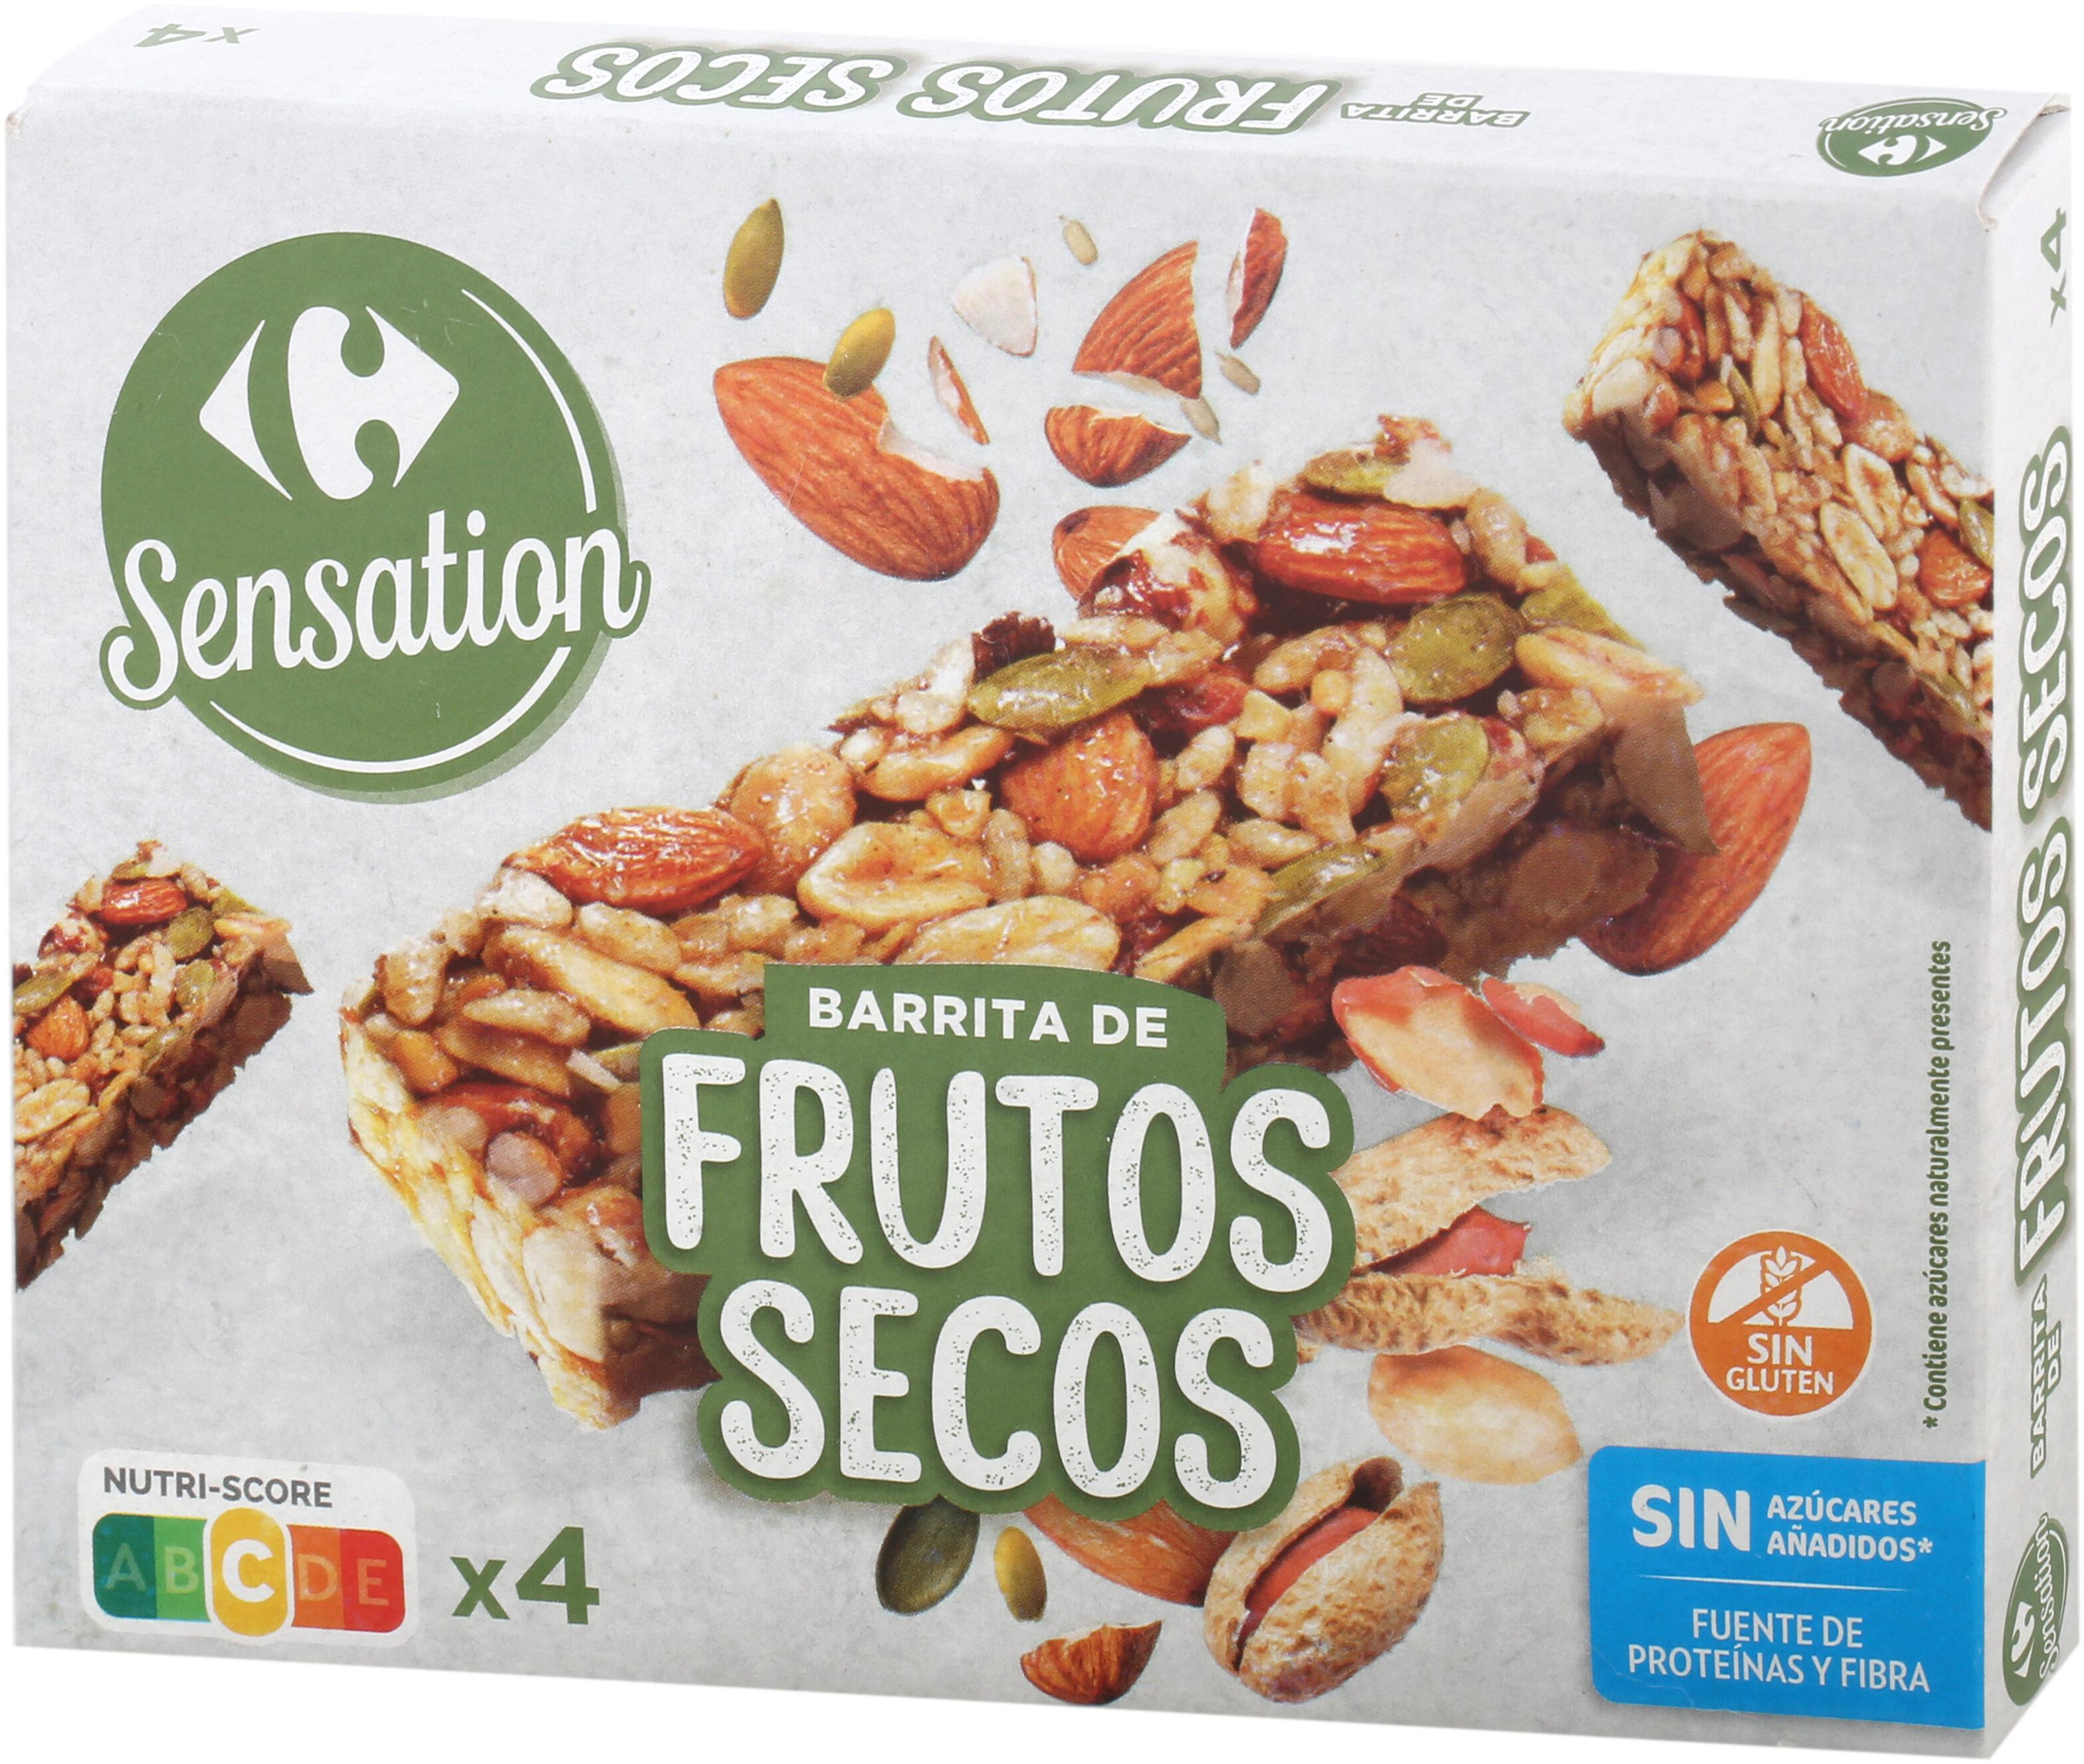 Barrita con cacahuetes, avellana, almedra y semillas - Product - es